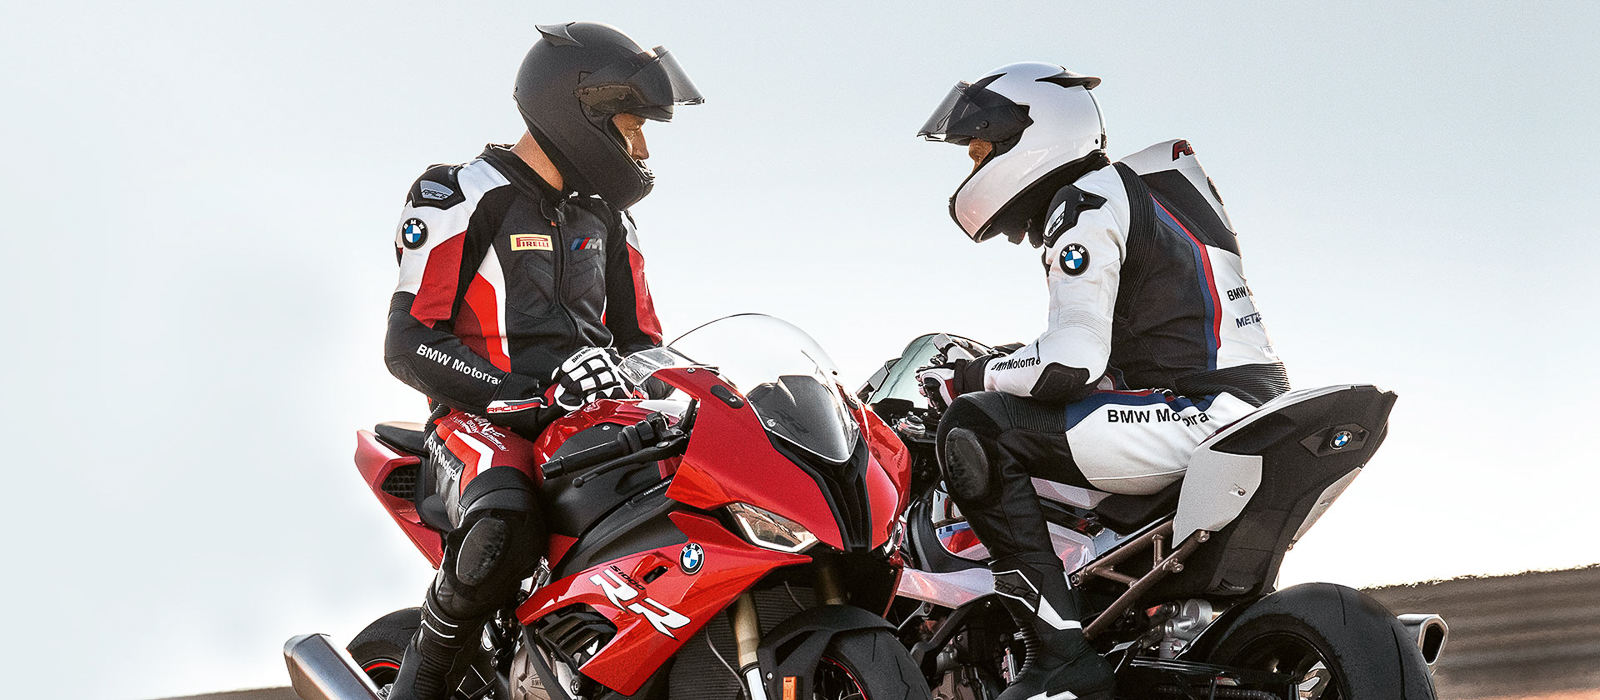 BMW Motorrad giới thiệu S 1000 RR hoàn toàn mới tại Việt Nam - 23